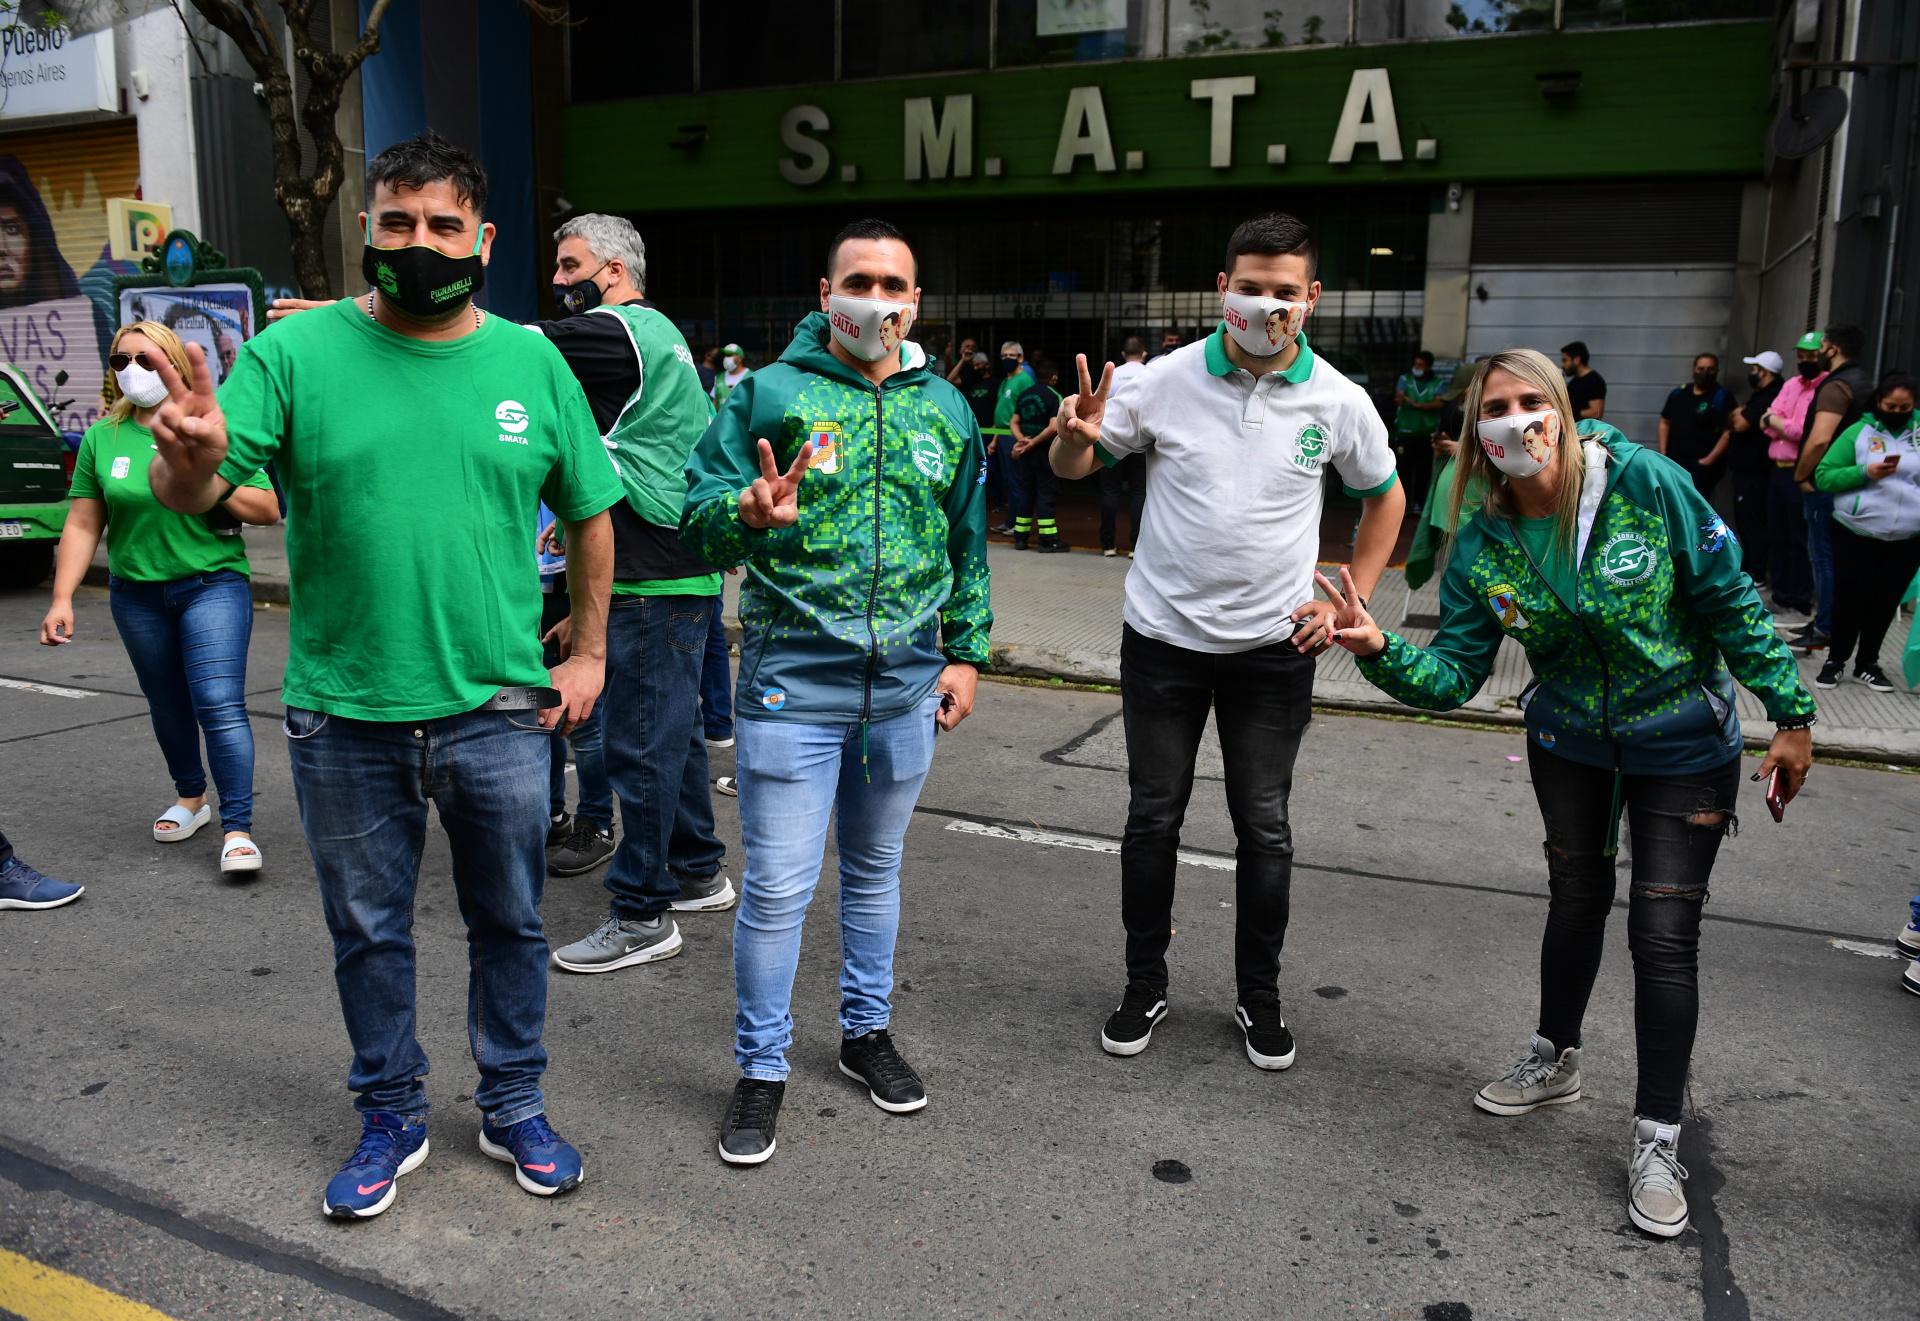 Los trabajadores de SMATA, con sus tradicionales chalecos, camperas y remeras verde y blanco, también coparon la 9 de Julio